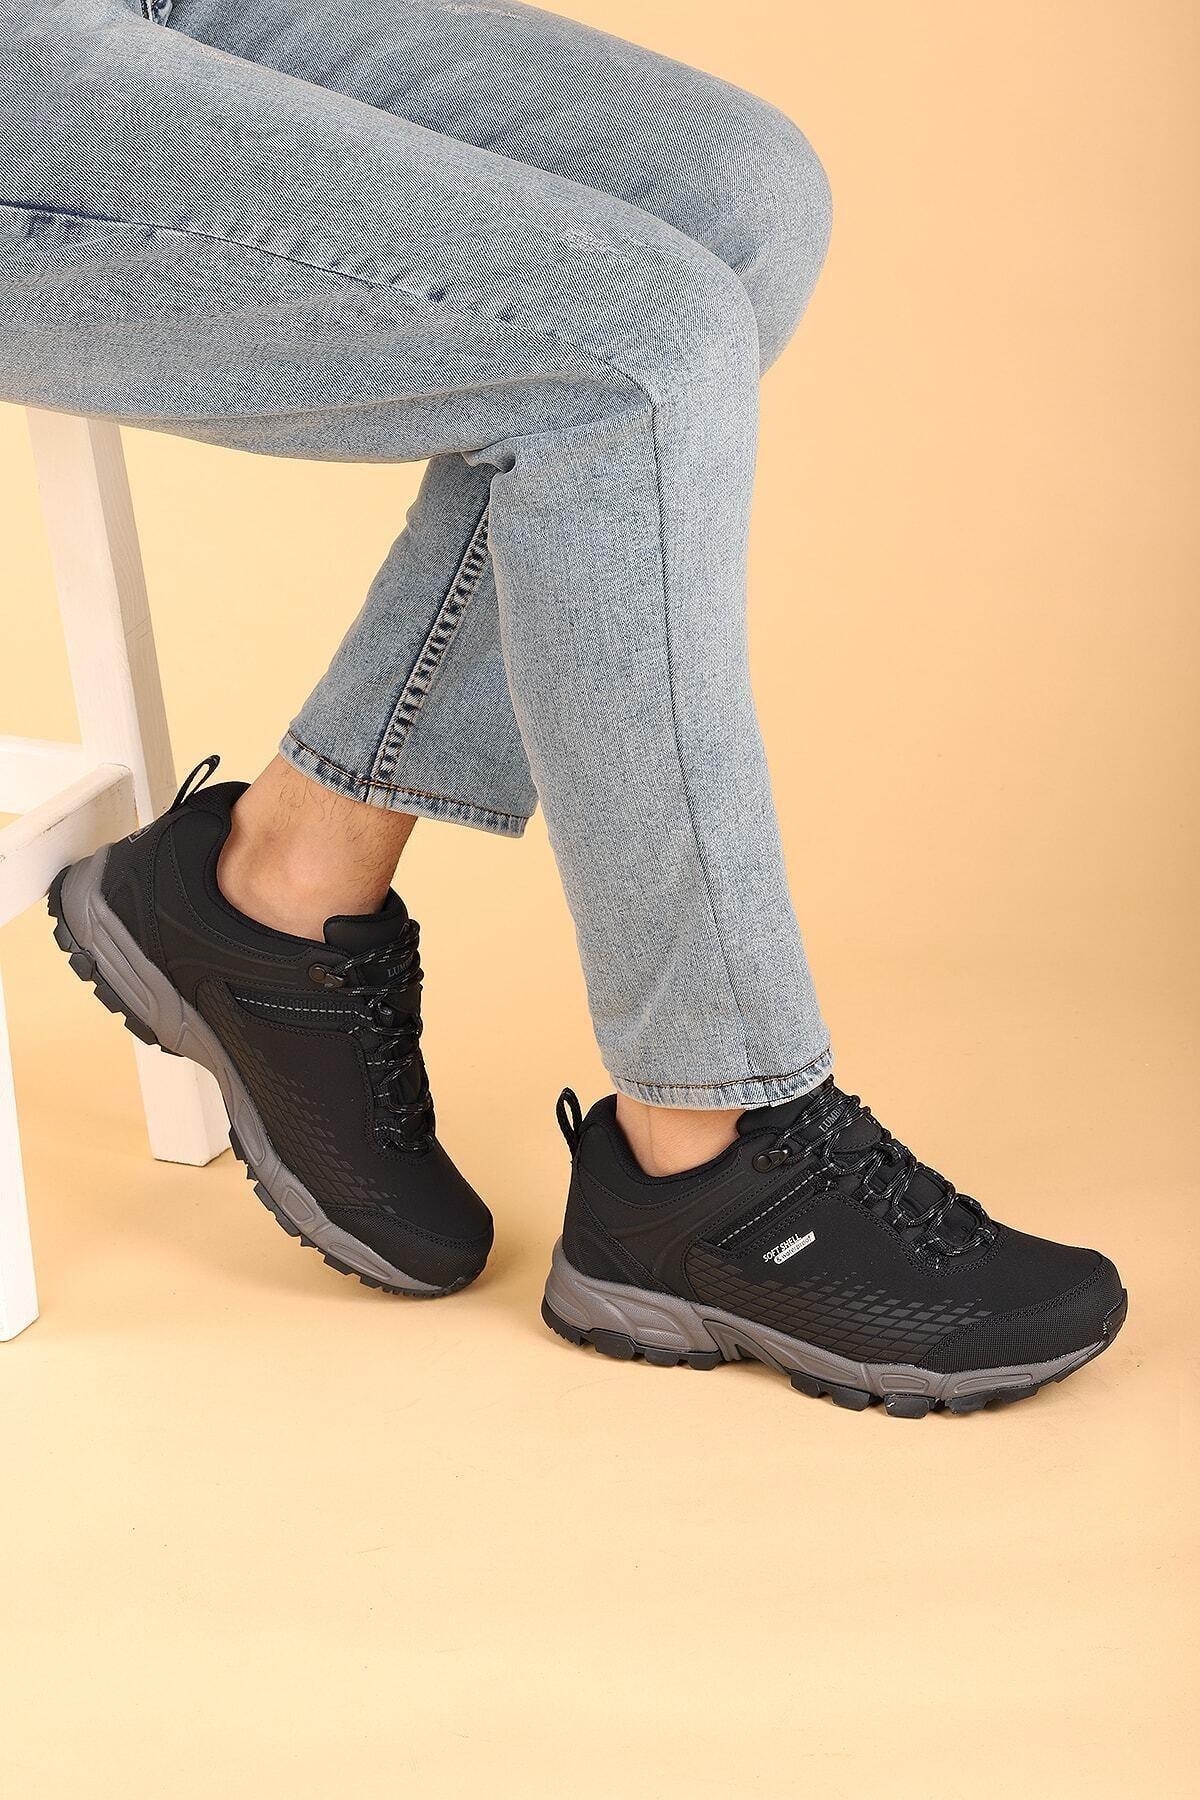 lumberjack Flake Su Geçirmez Erkek Bot Ayakkabı 1